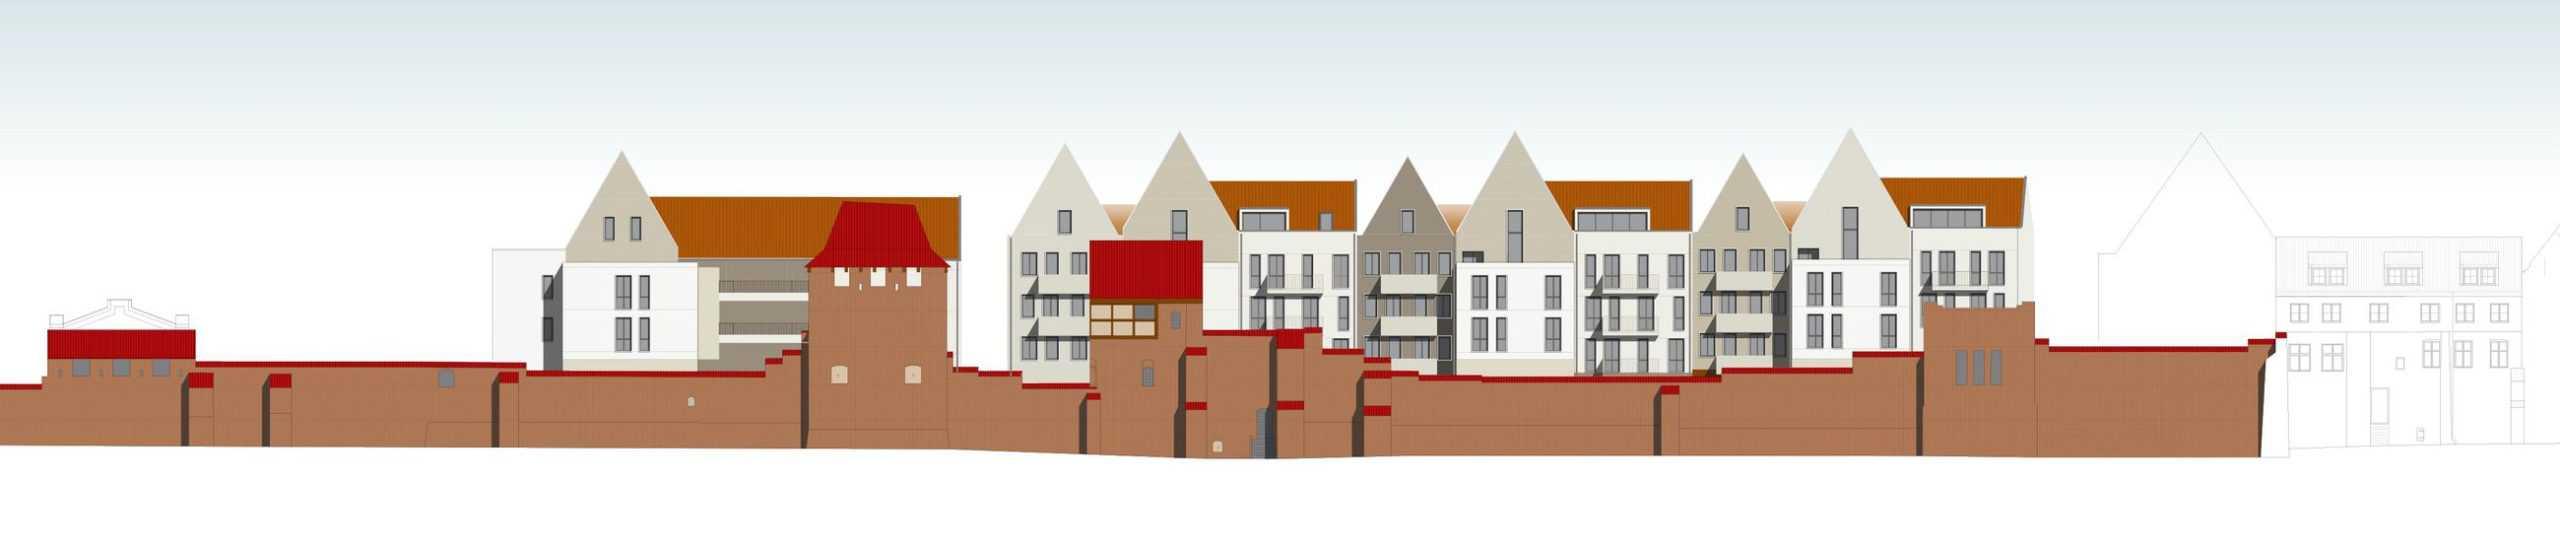 Wohnungsbaukonzept Quartier Stadtmauer Stralsund